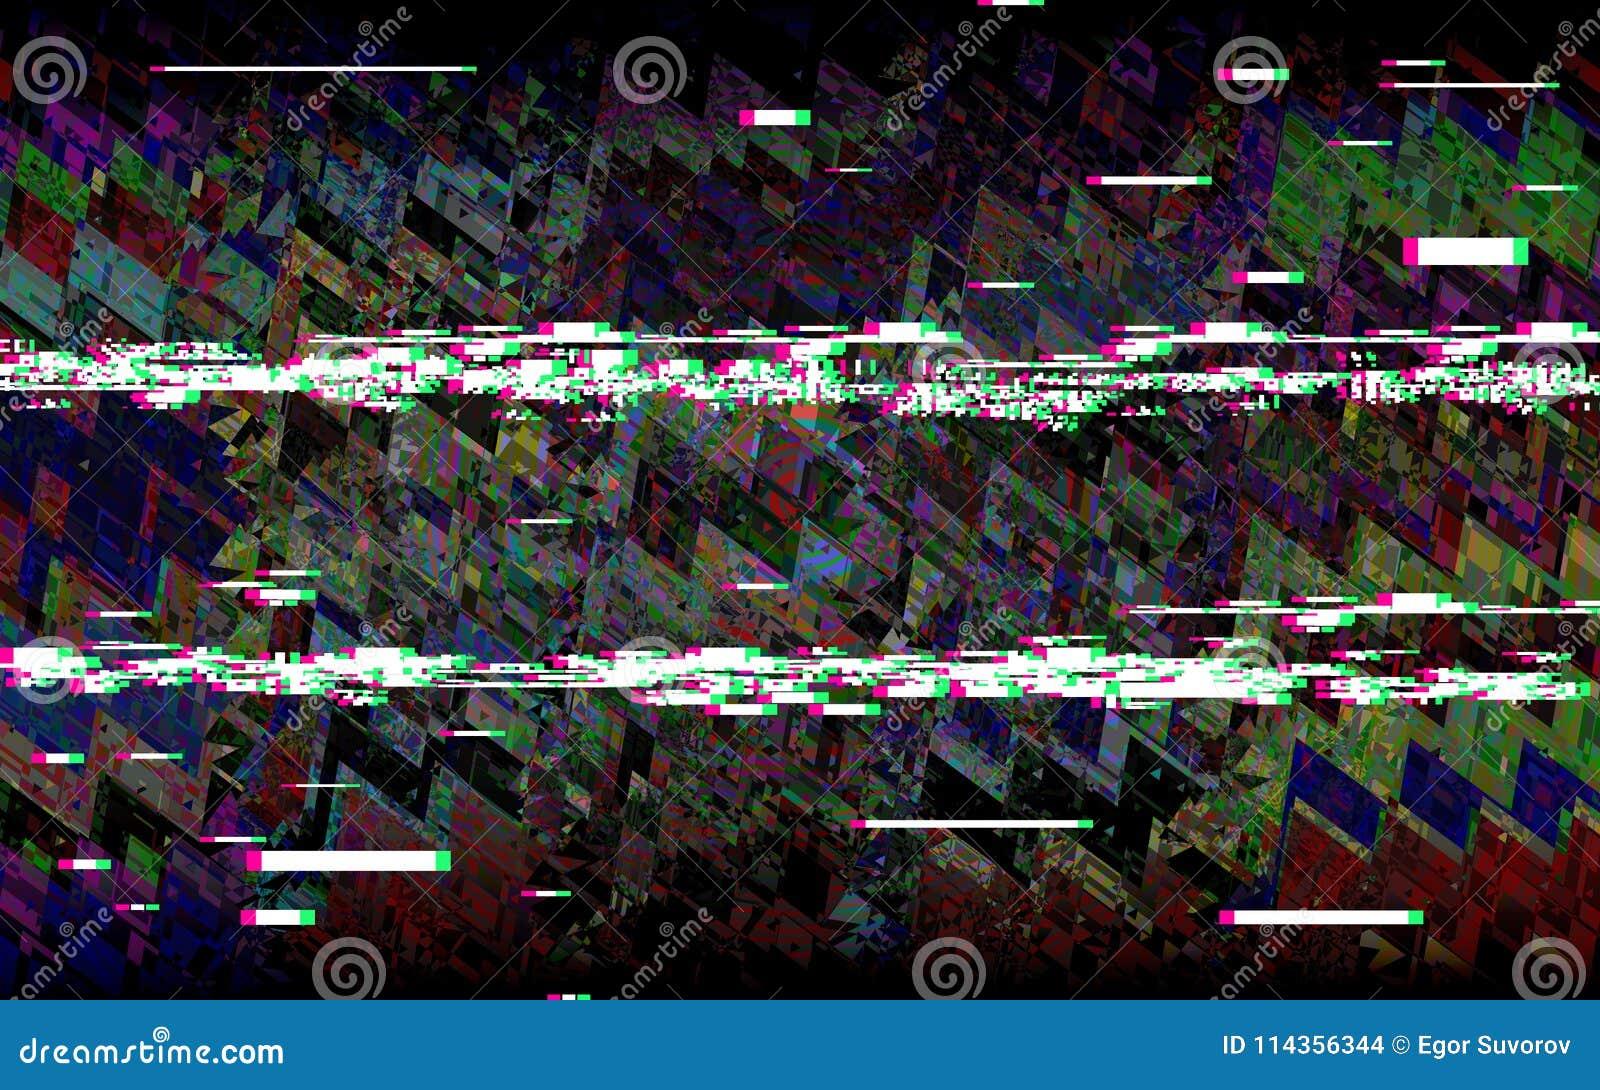 Τηλεόραση δυσλειτουργίας Αναδρομικό υπόβαθρο VHS Ψηφιακός θόρυβος εικονοκυττάρου Αφηρημένο σχέδιο κανένα σήμα επίσης corel σύρετε